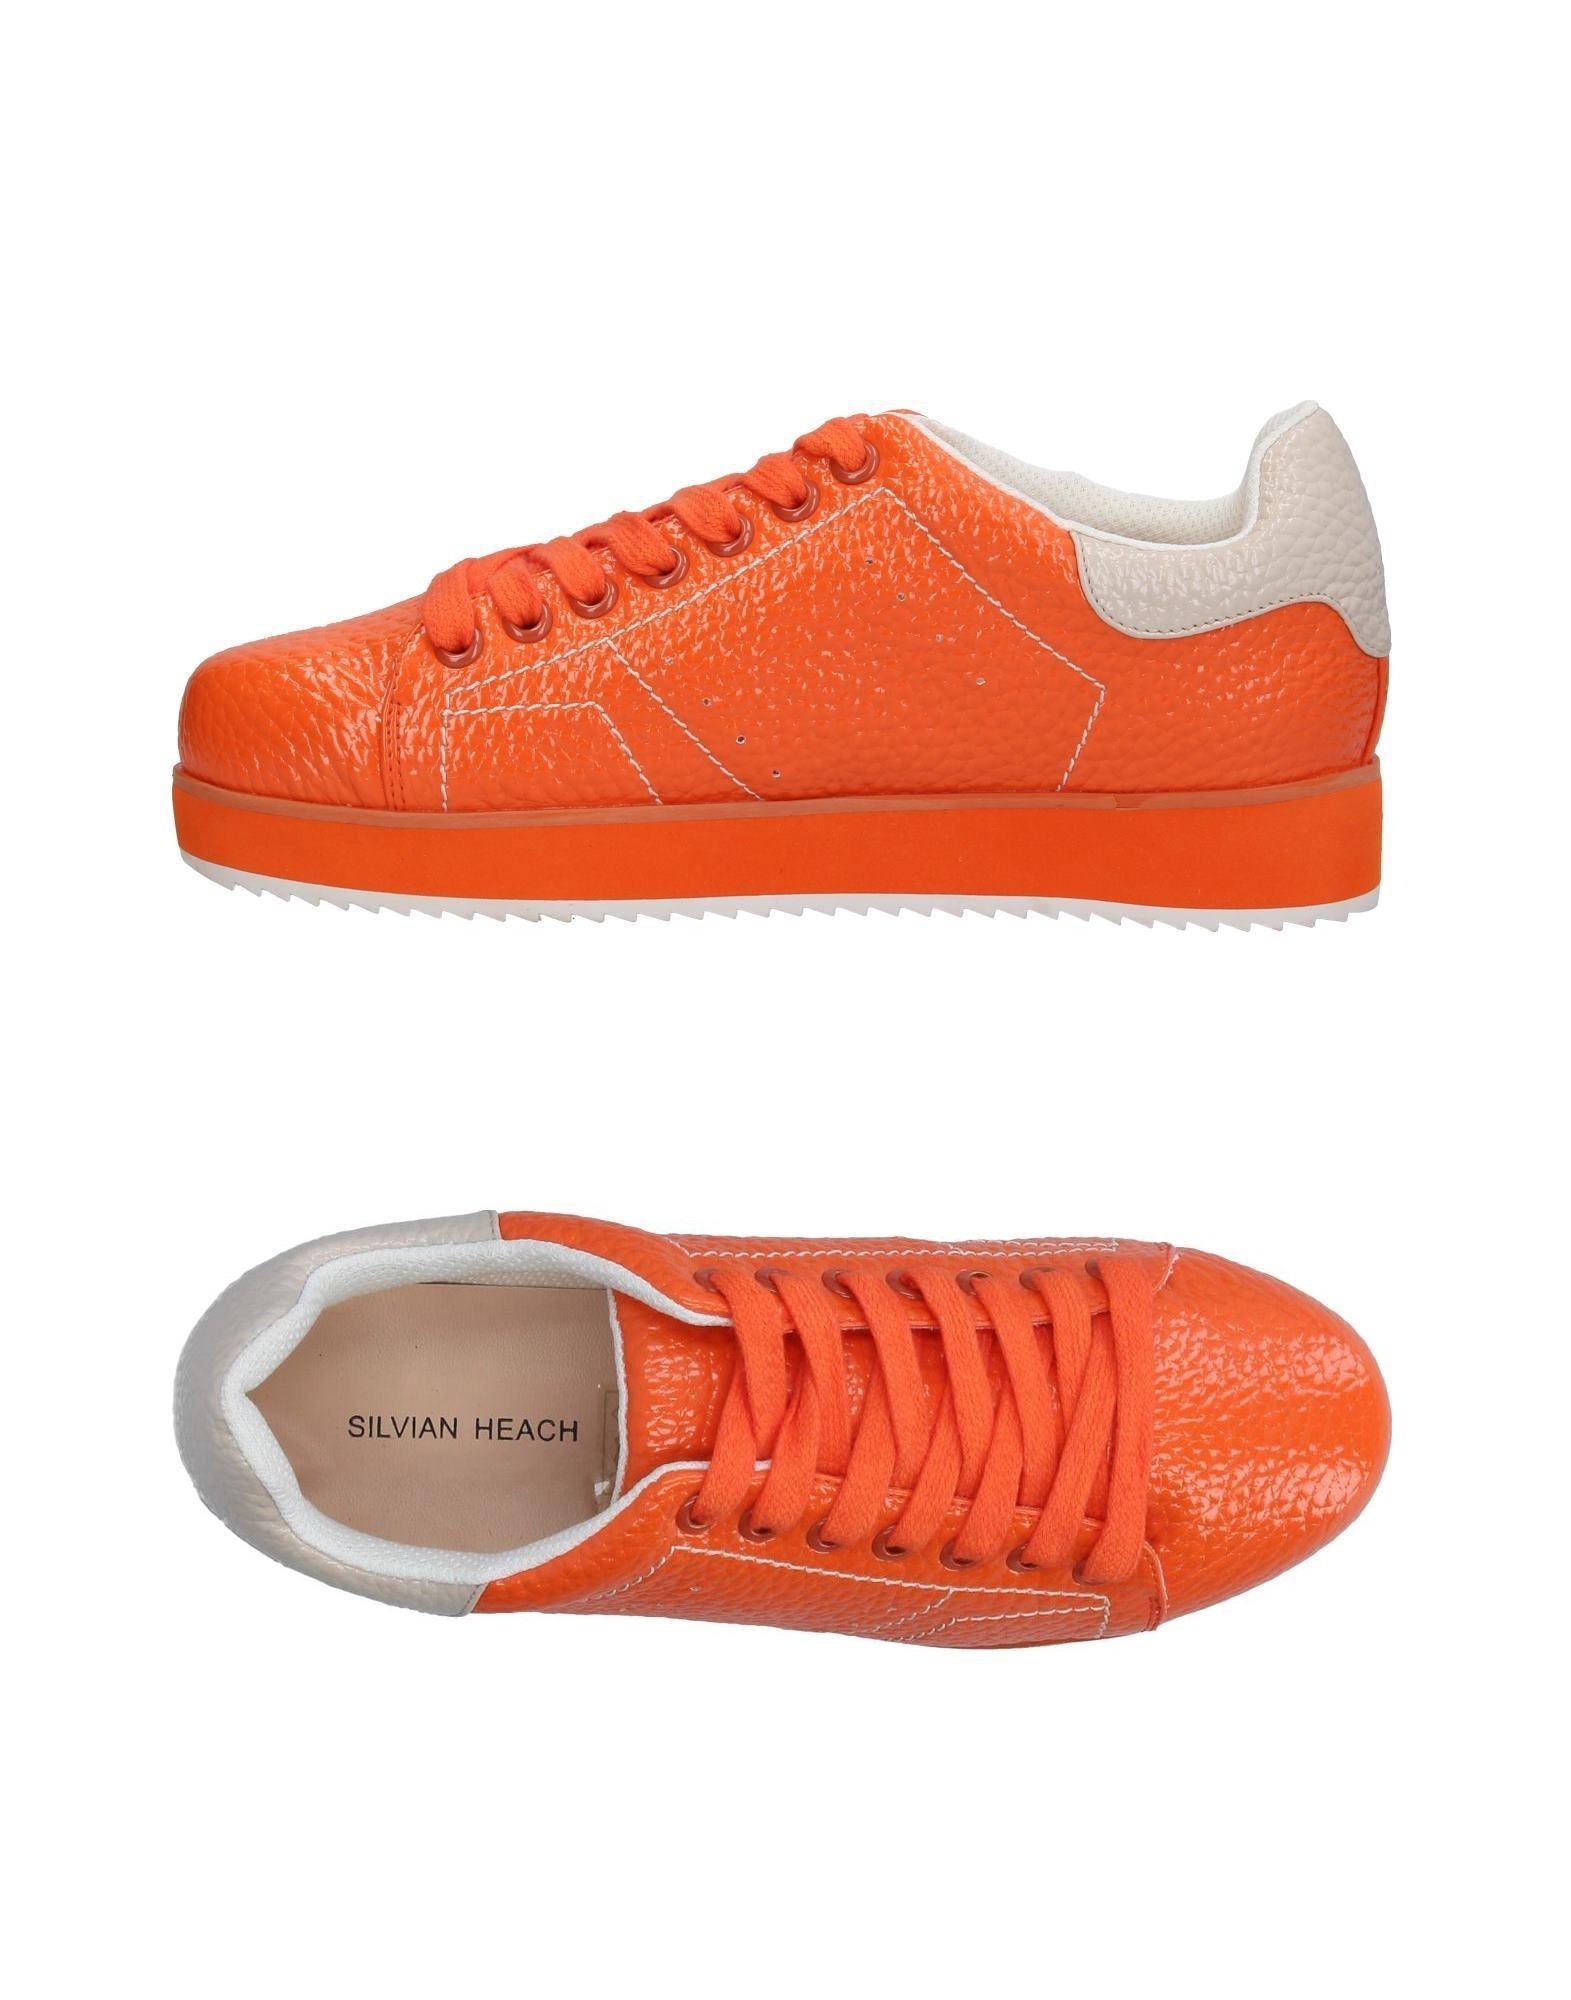 FOOTWEAR - Low-tops & sneakers Silvian Heach Voh6rw